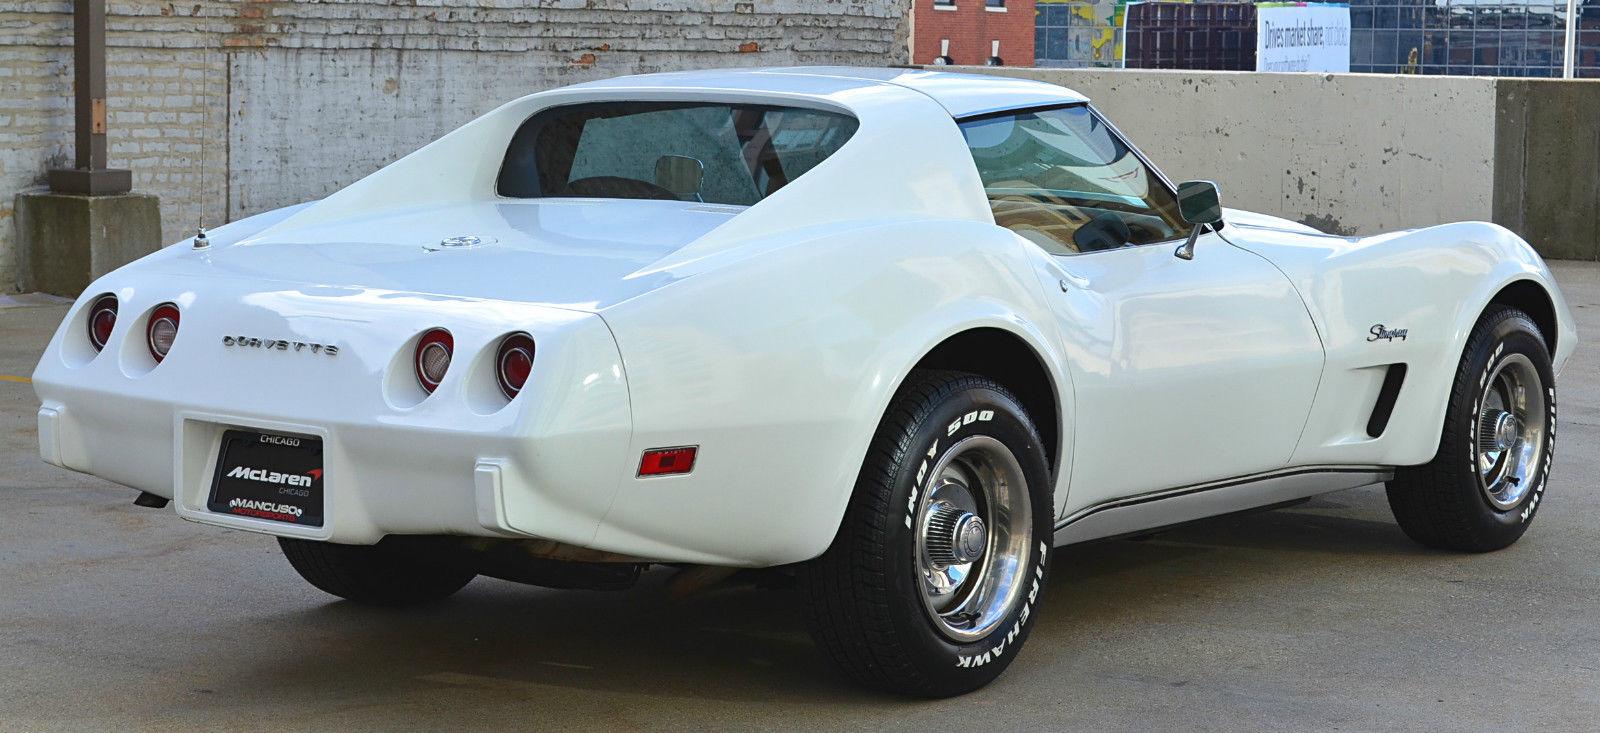 1974 chevy corvette stingray 350 l48 v8 white auto t tops. Black Bedroom Furniture Sets. Home Design Ideas